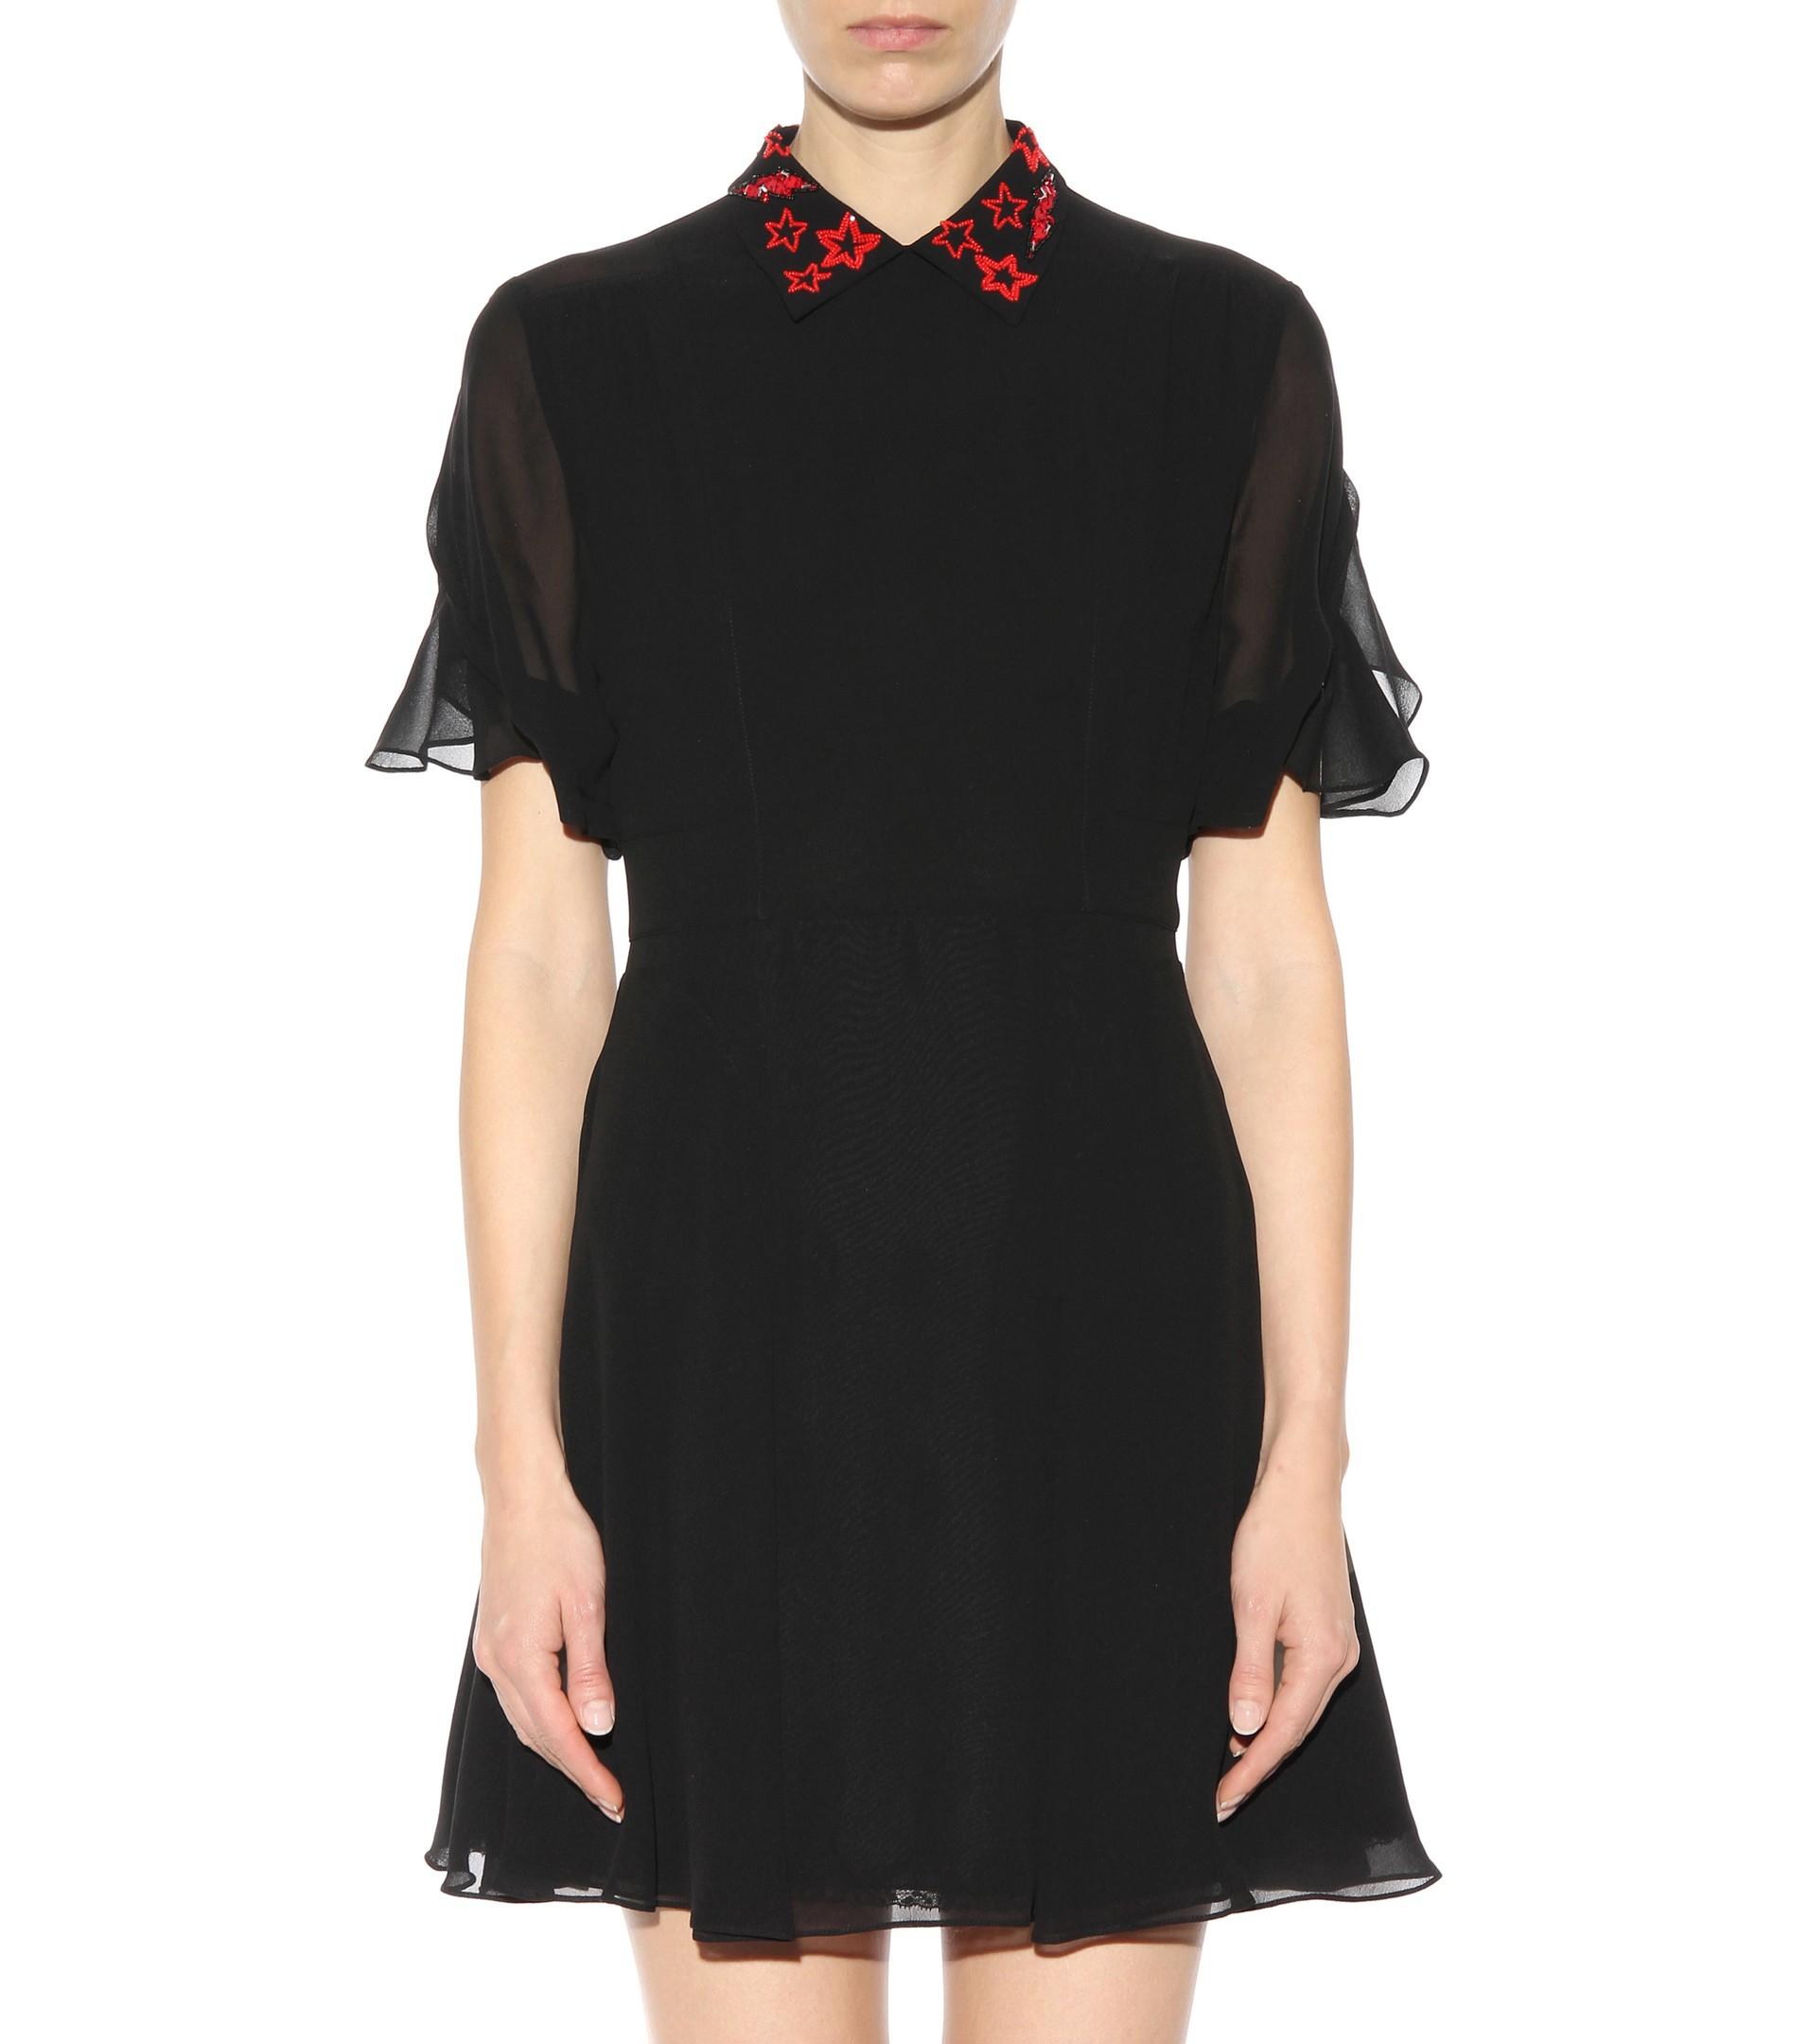 Miu miu clothes online